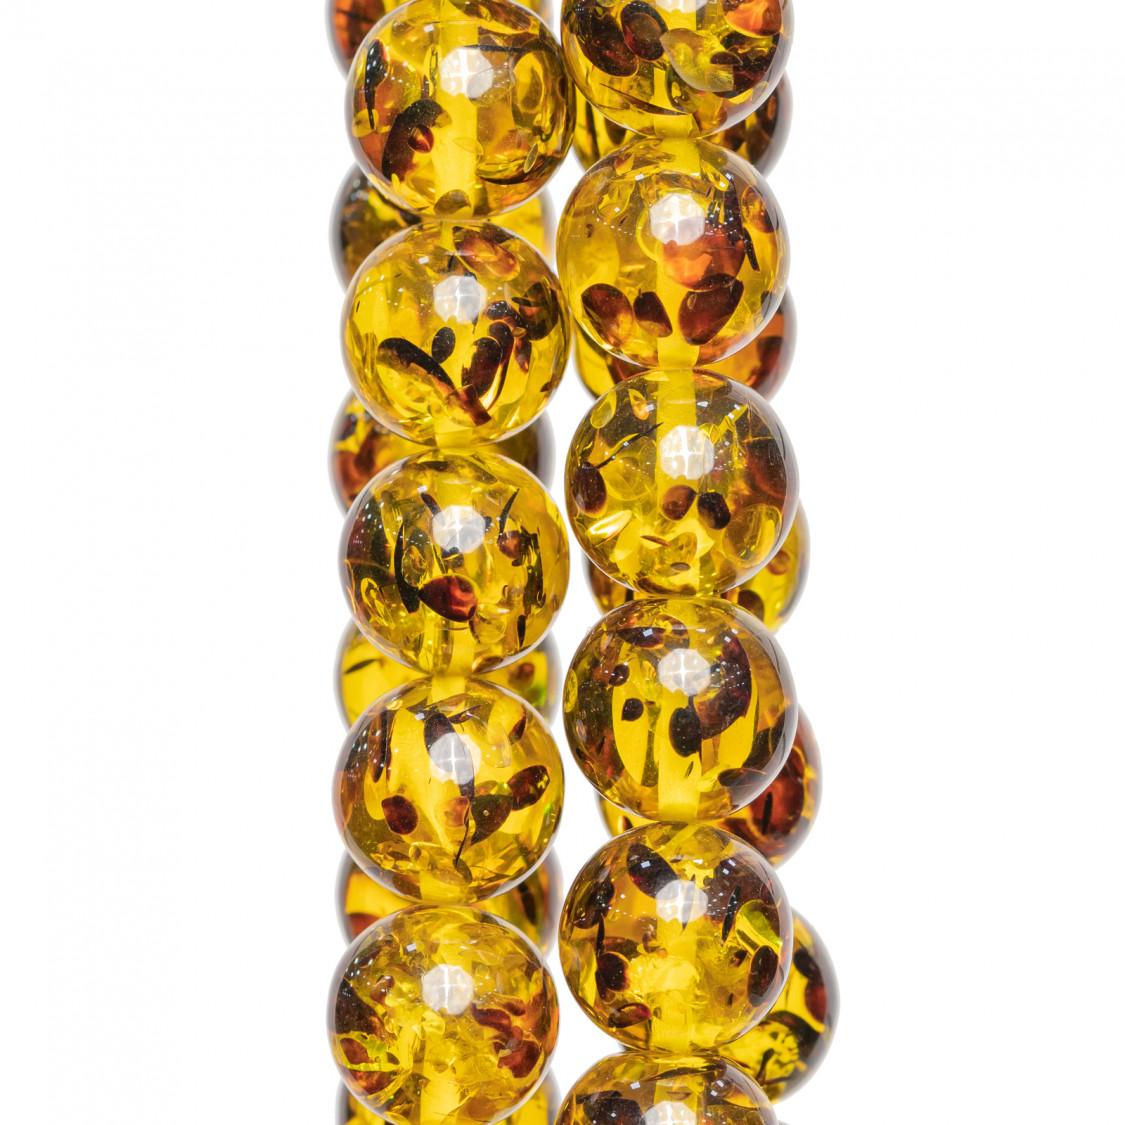 Cabochon Di Pietra Idrotermale Quadrato 08mm Spessore 4,5mm 4pz Viola Ametista